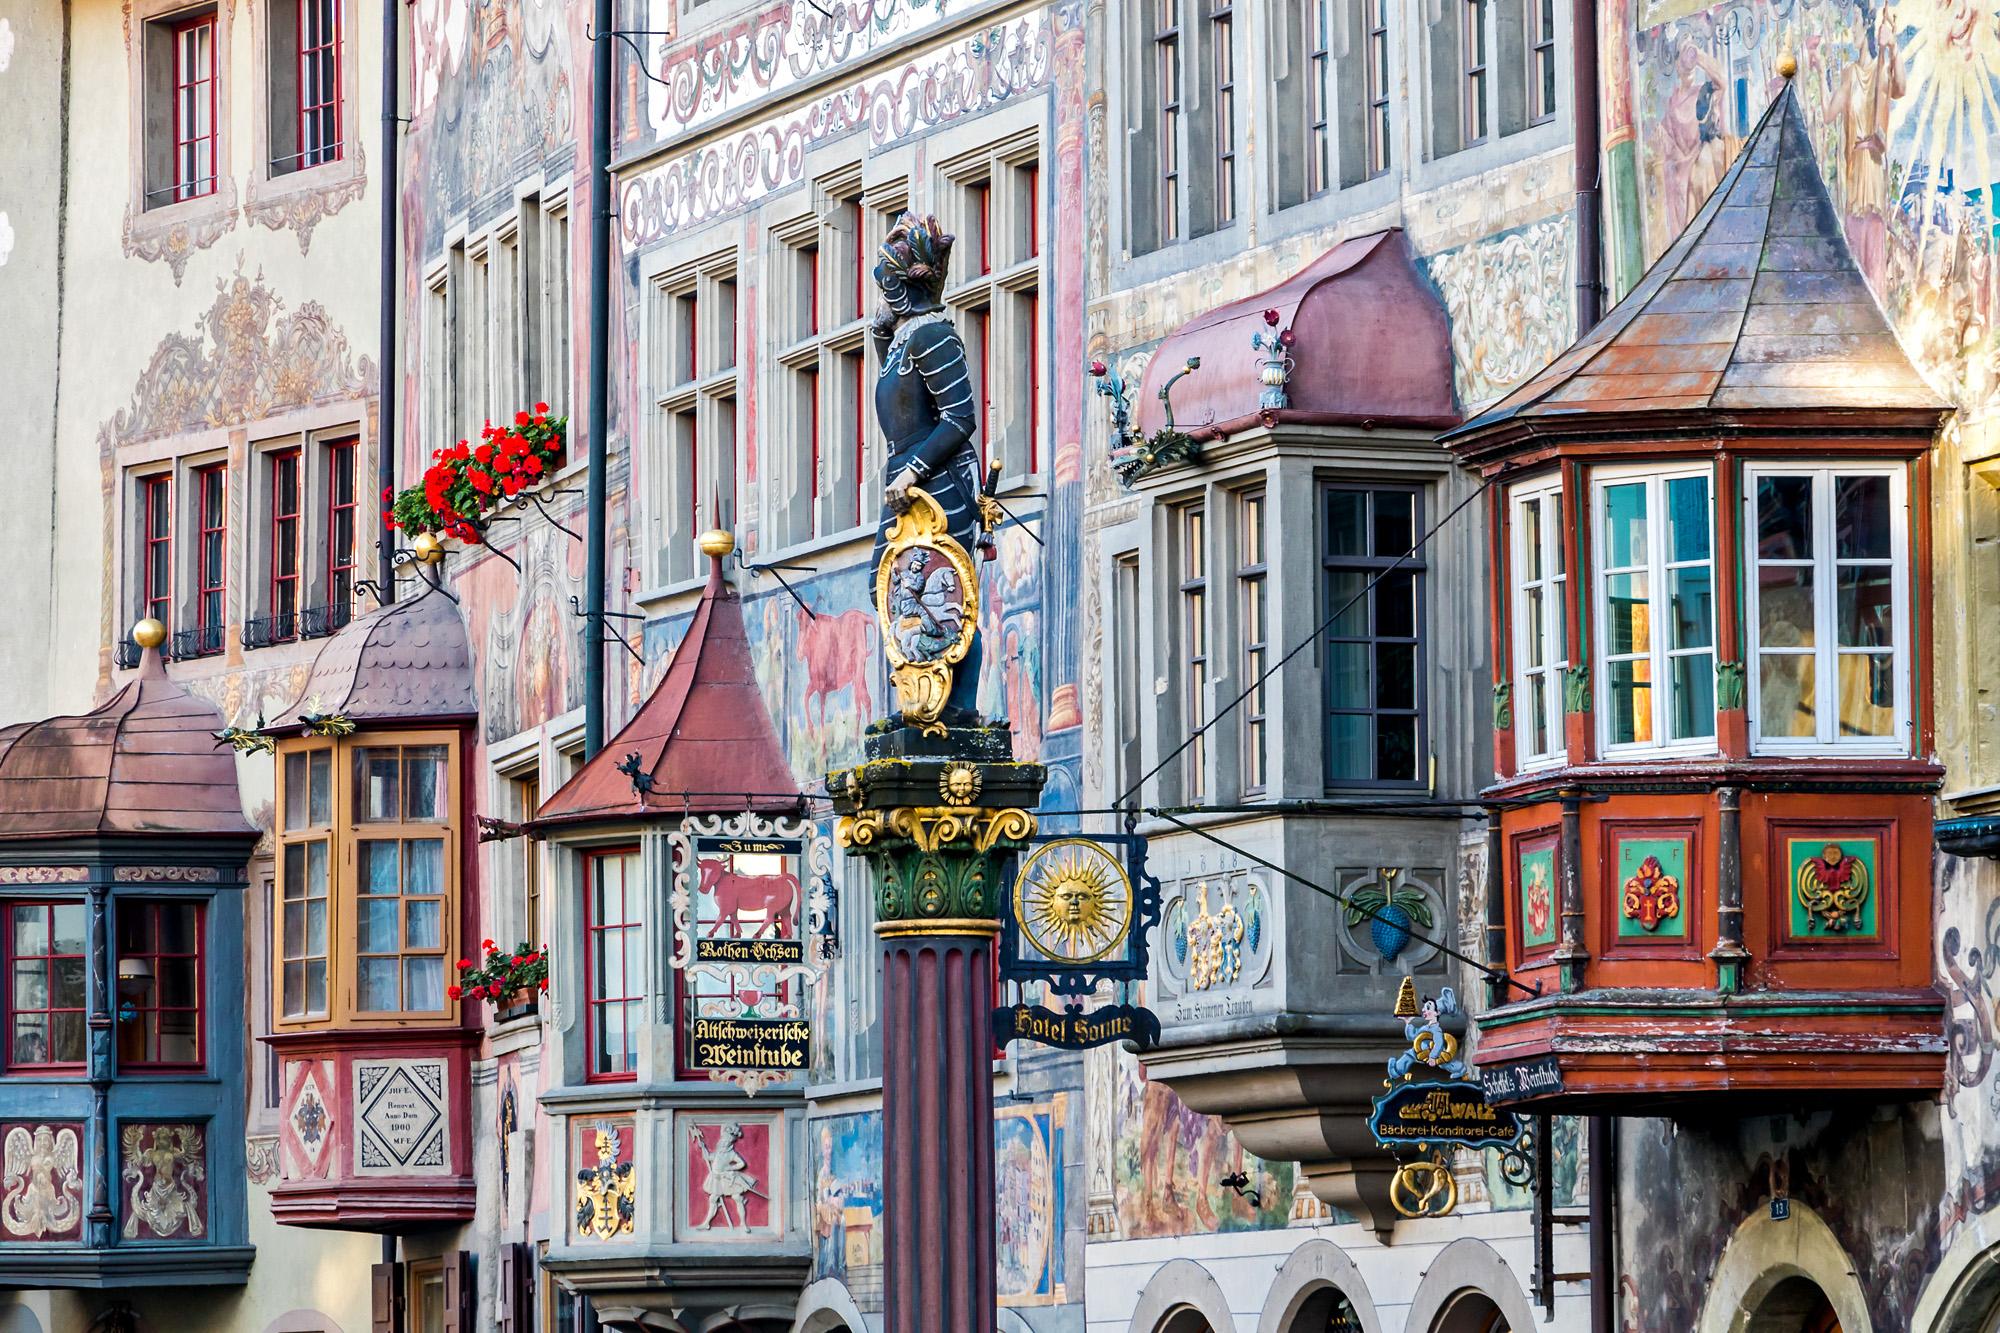 Erkerparade mit dem Marktbrunnen